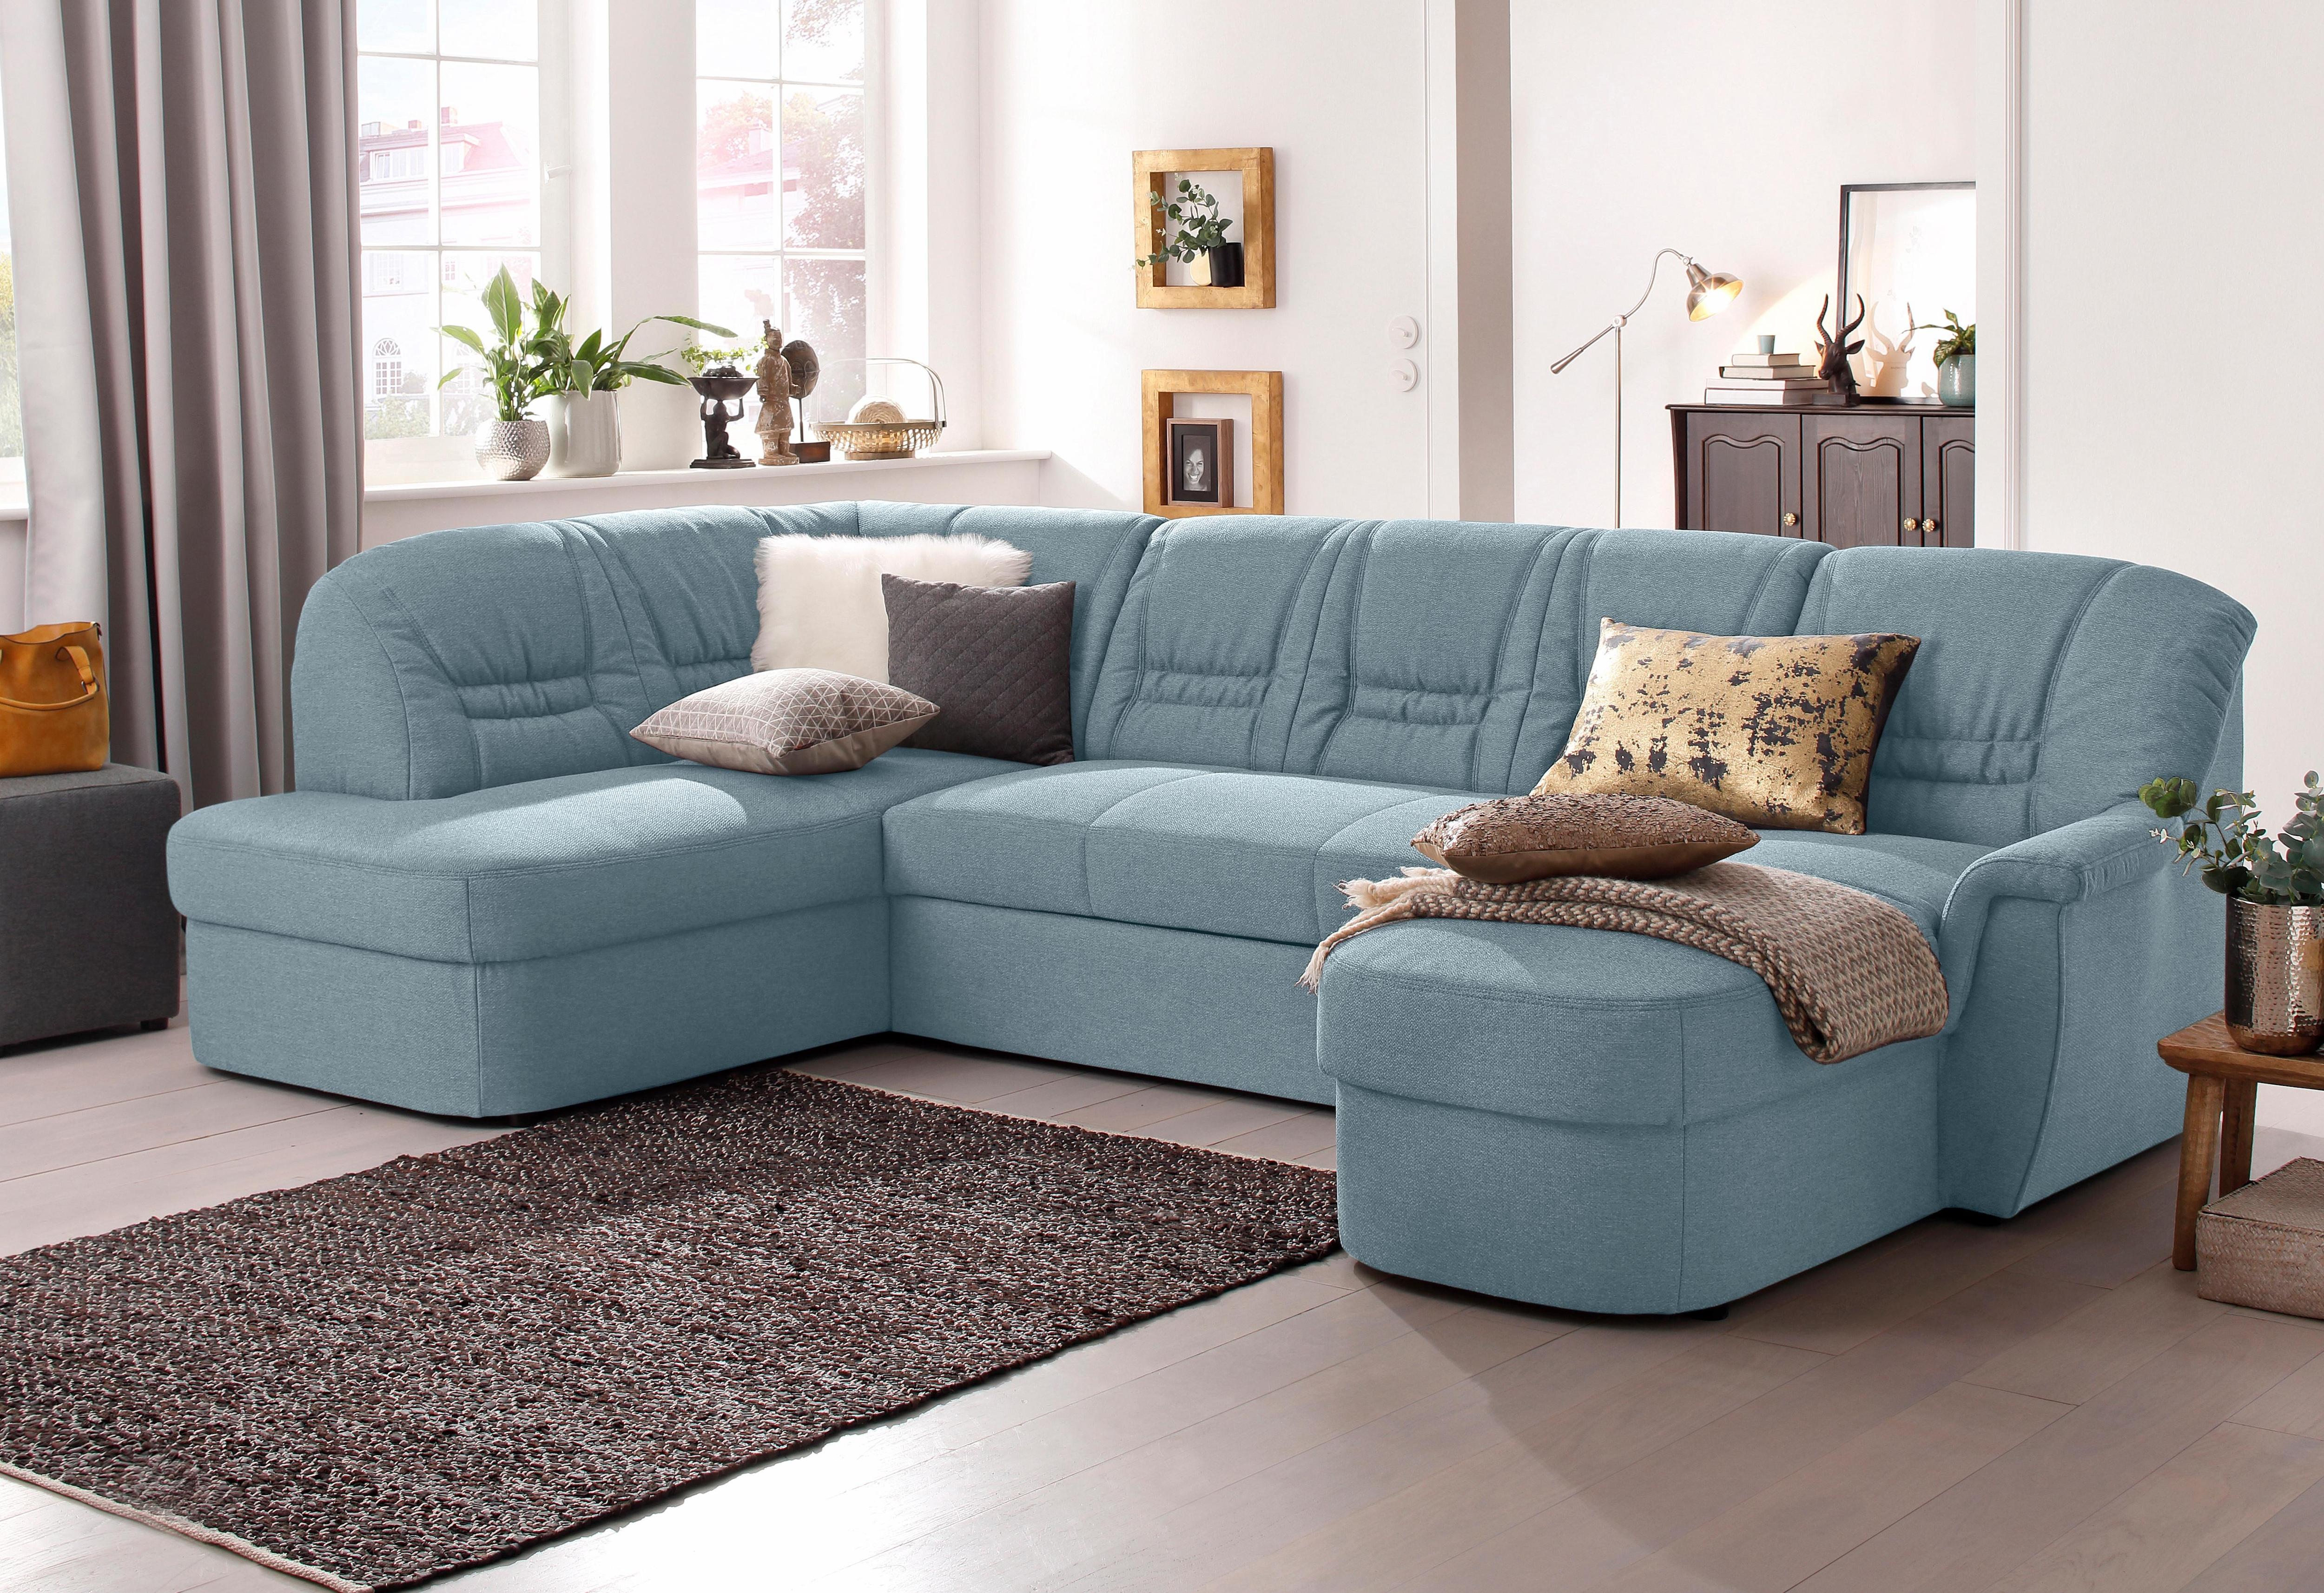 Home affaire Wohnlandschaft Zoe | Wohnzimmer > Sofas & Couches > Wohnlandschaften | Blau | home affaire